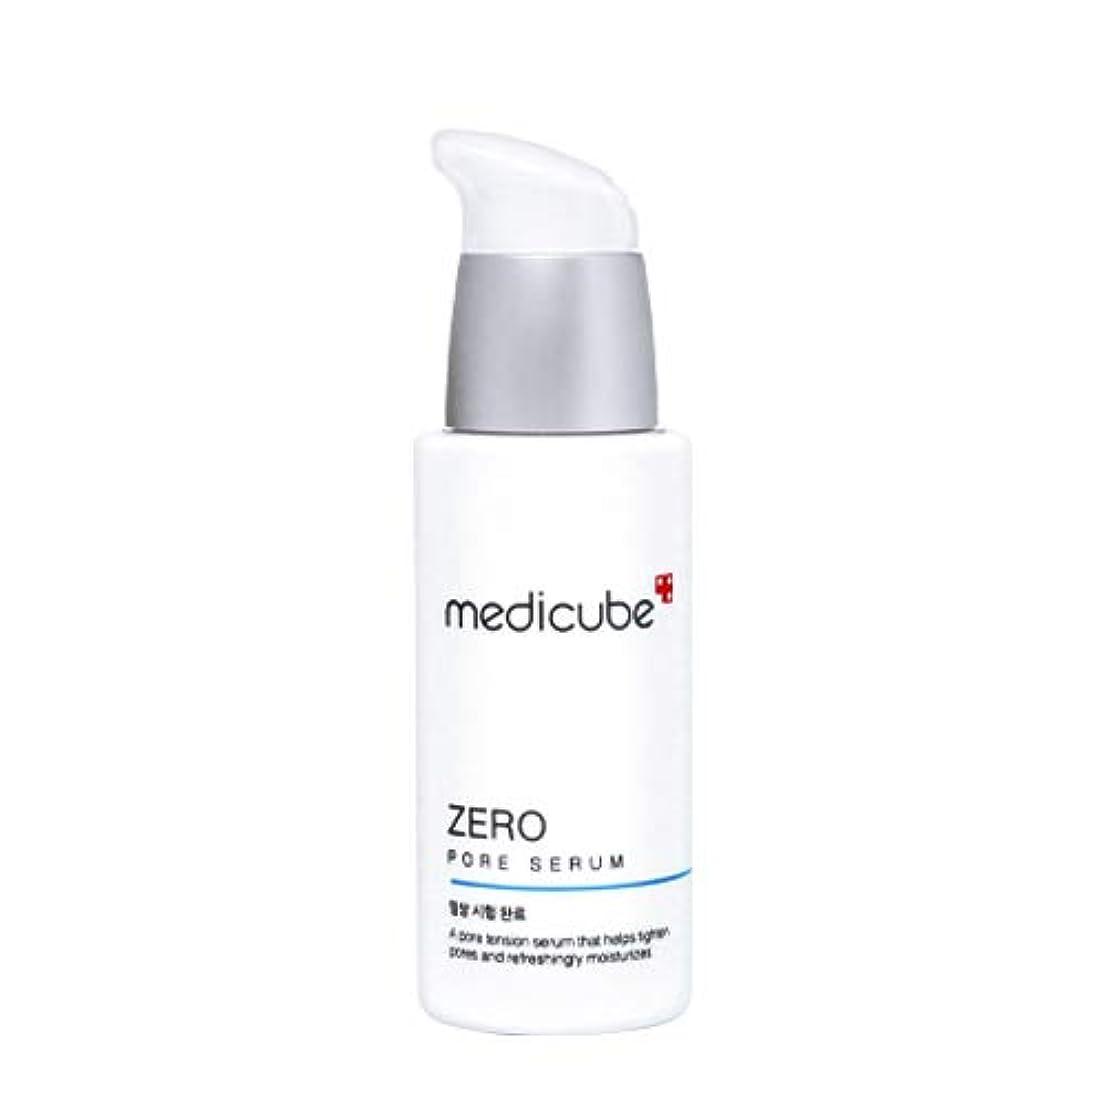 年金受給者レクリエーションカード[Medicube] Zero Pore Serum 27ml / [メディキューブ] ゼロ毛穴セラム27ml [並行輸入品]